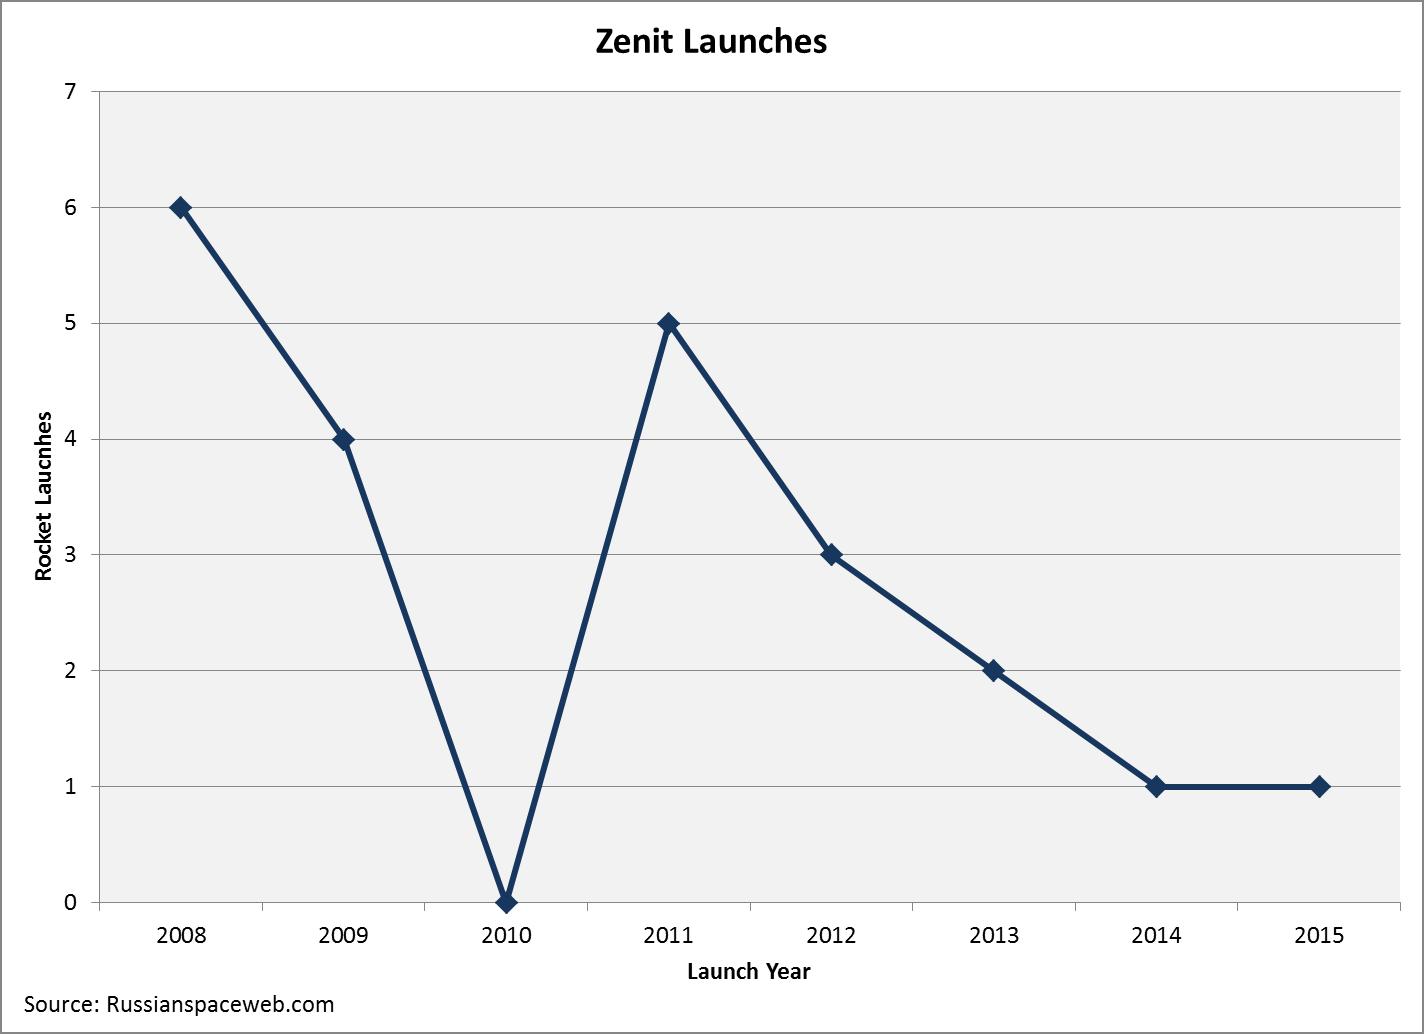 zenit Launches